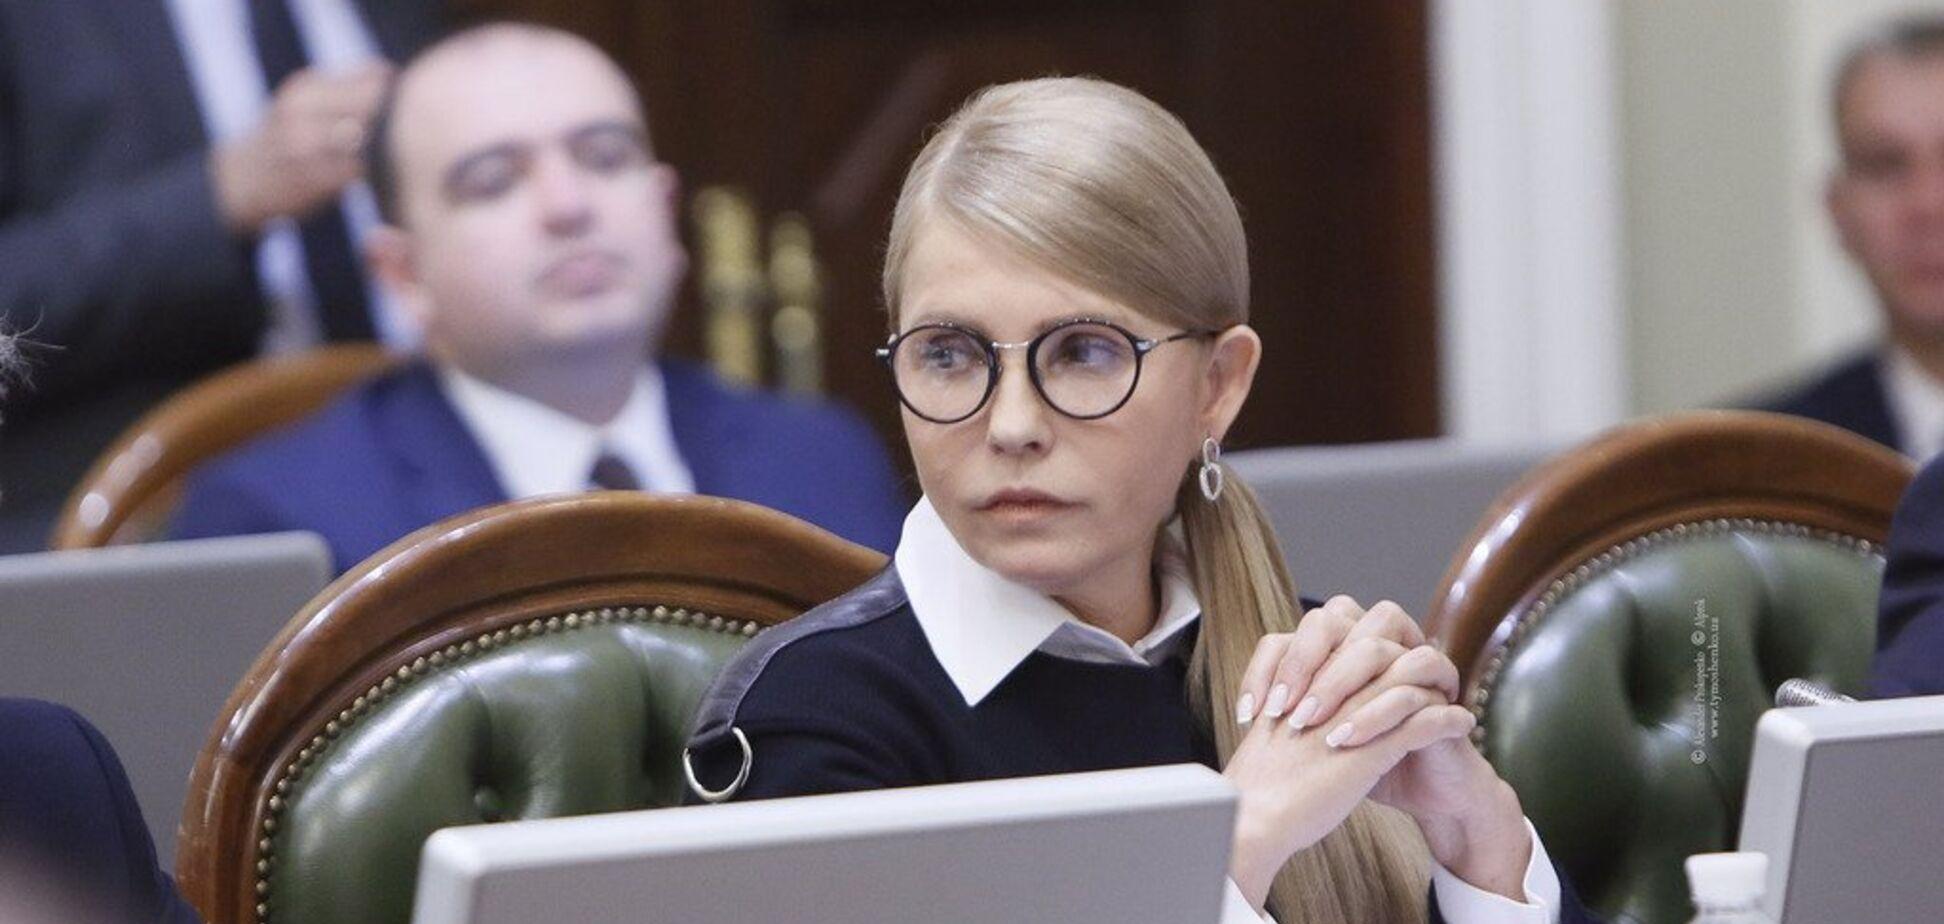 Тимошенко требует от Рады отменить поправку Геруса, которая открыла импорт электроэнергии из РФ